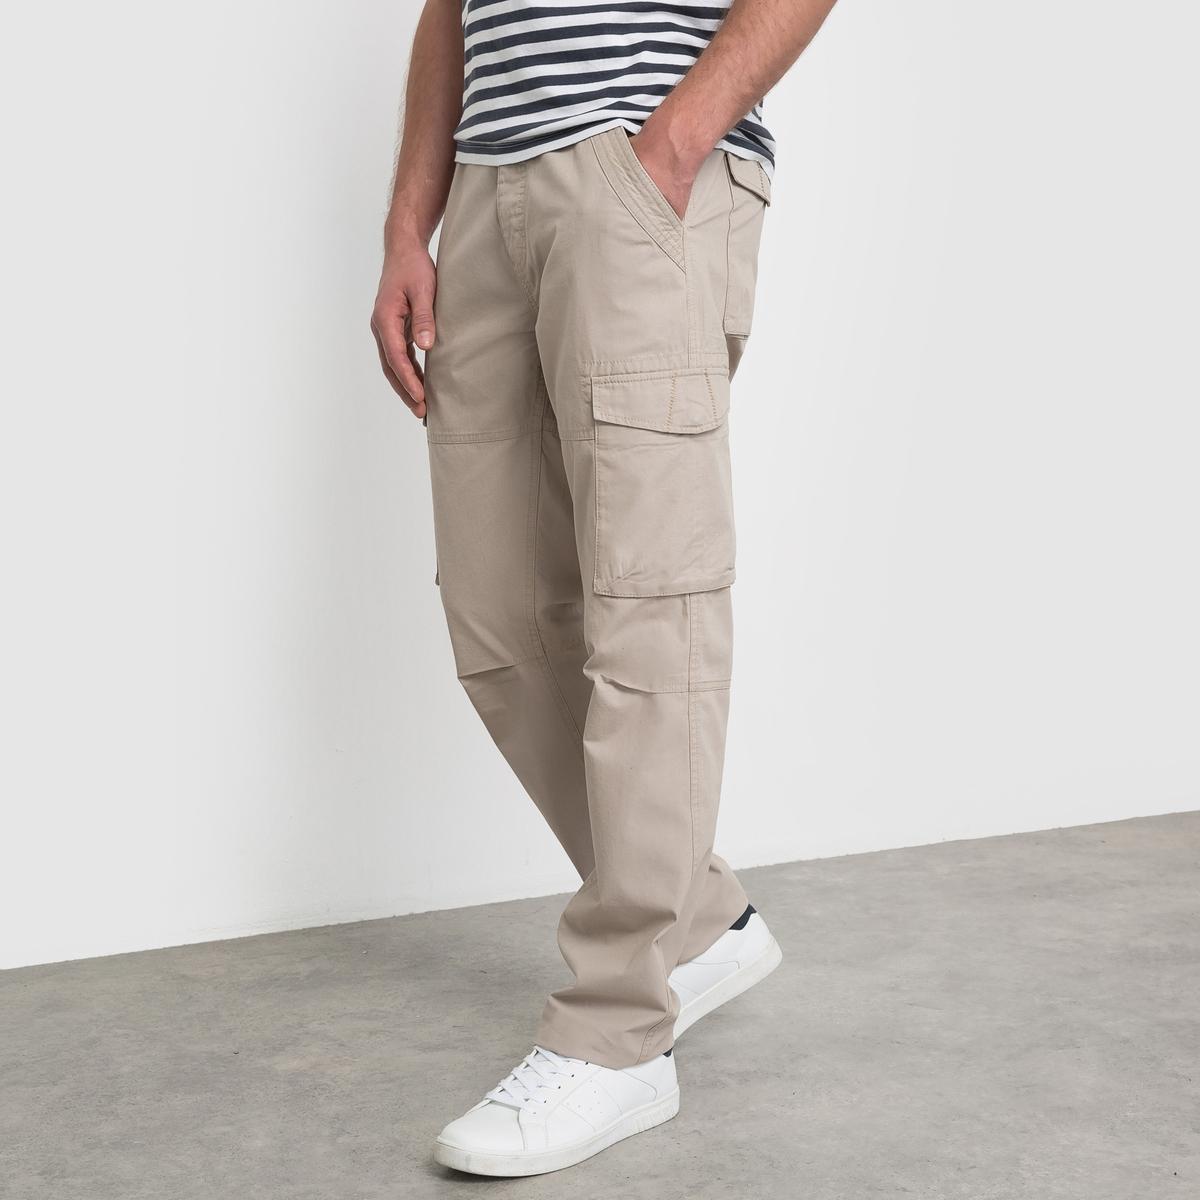 Pantaloni cargo AUBIN puro cotone